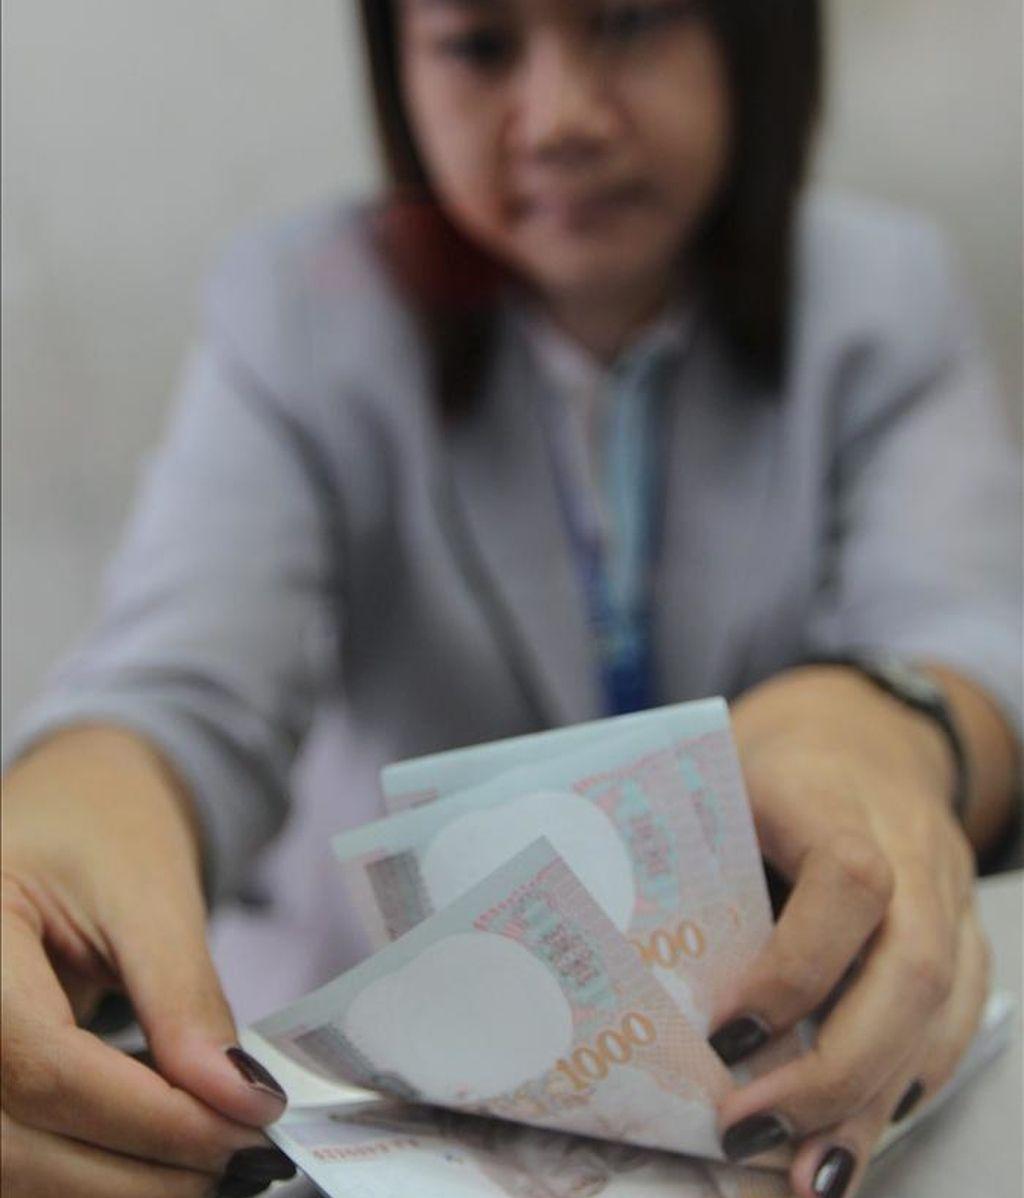 Una mujer cuenta dinero en un local de cambio de divisas en Bangkok, Tailandia. EFE/Archivo